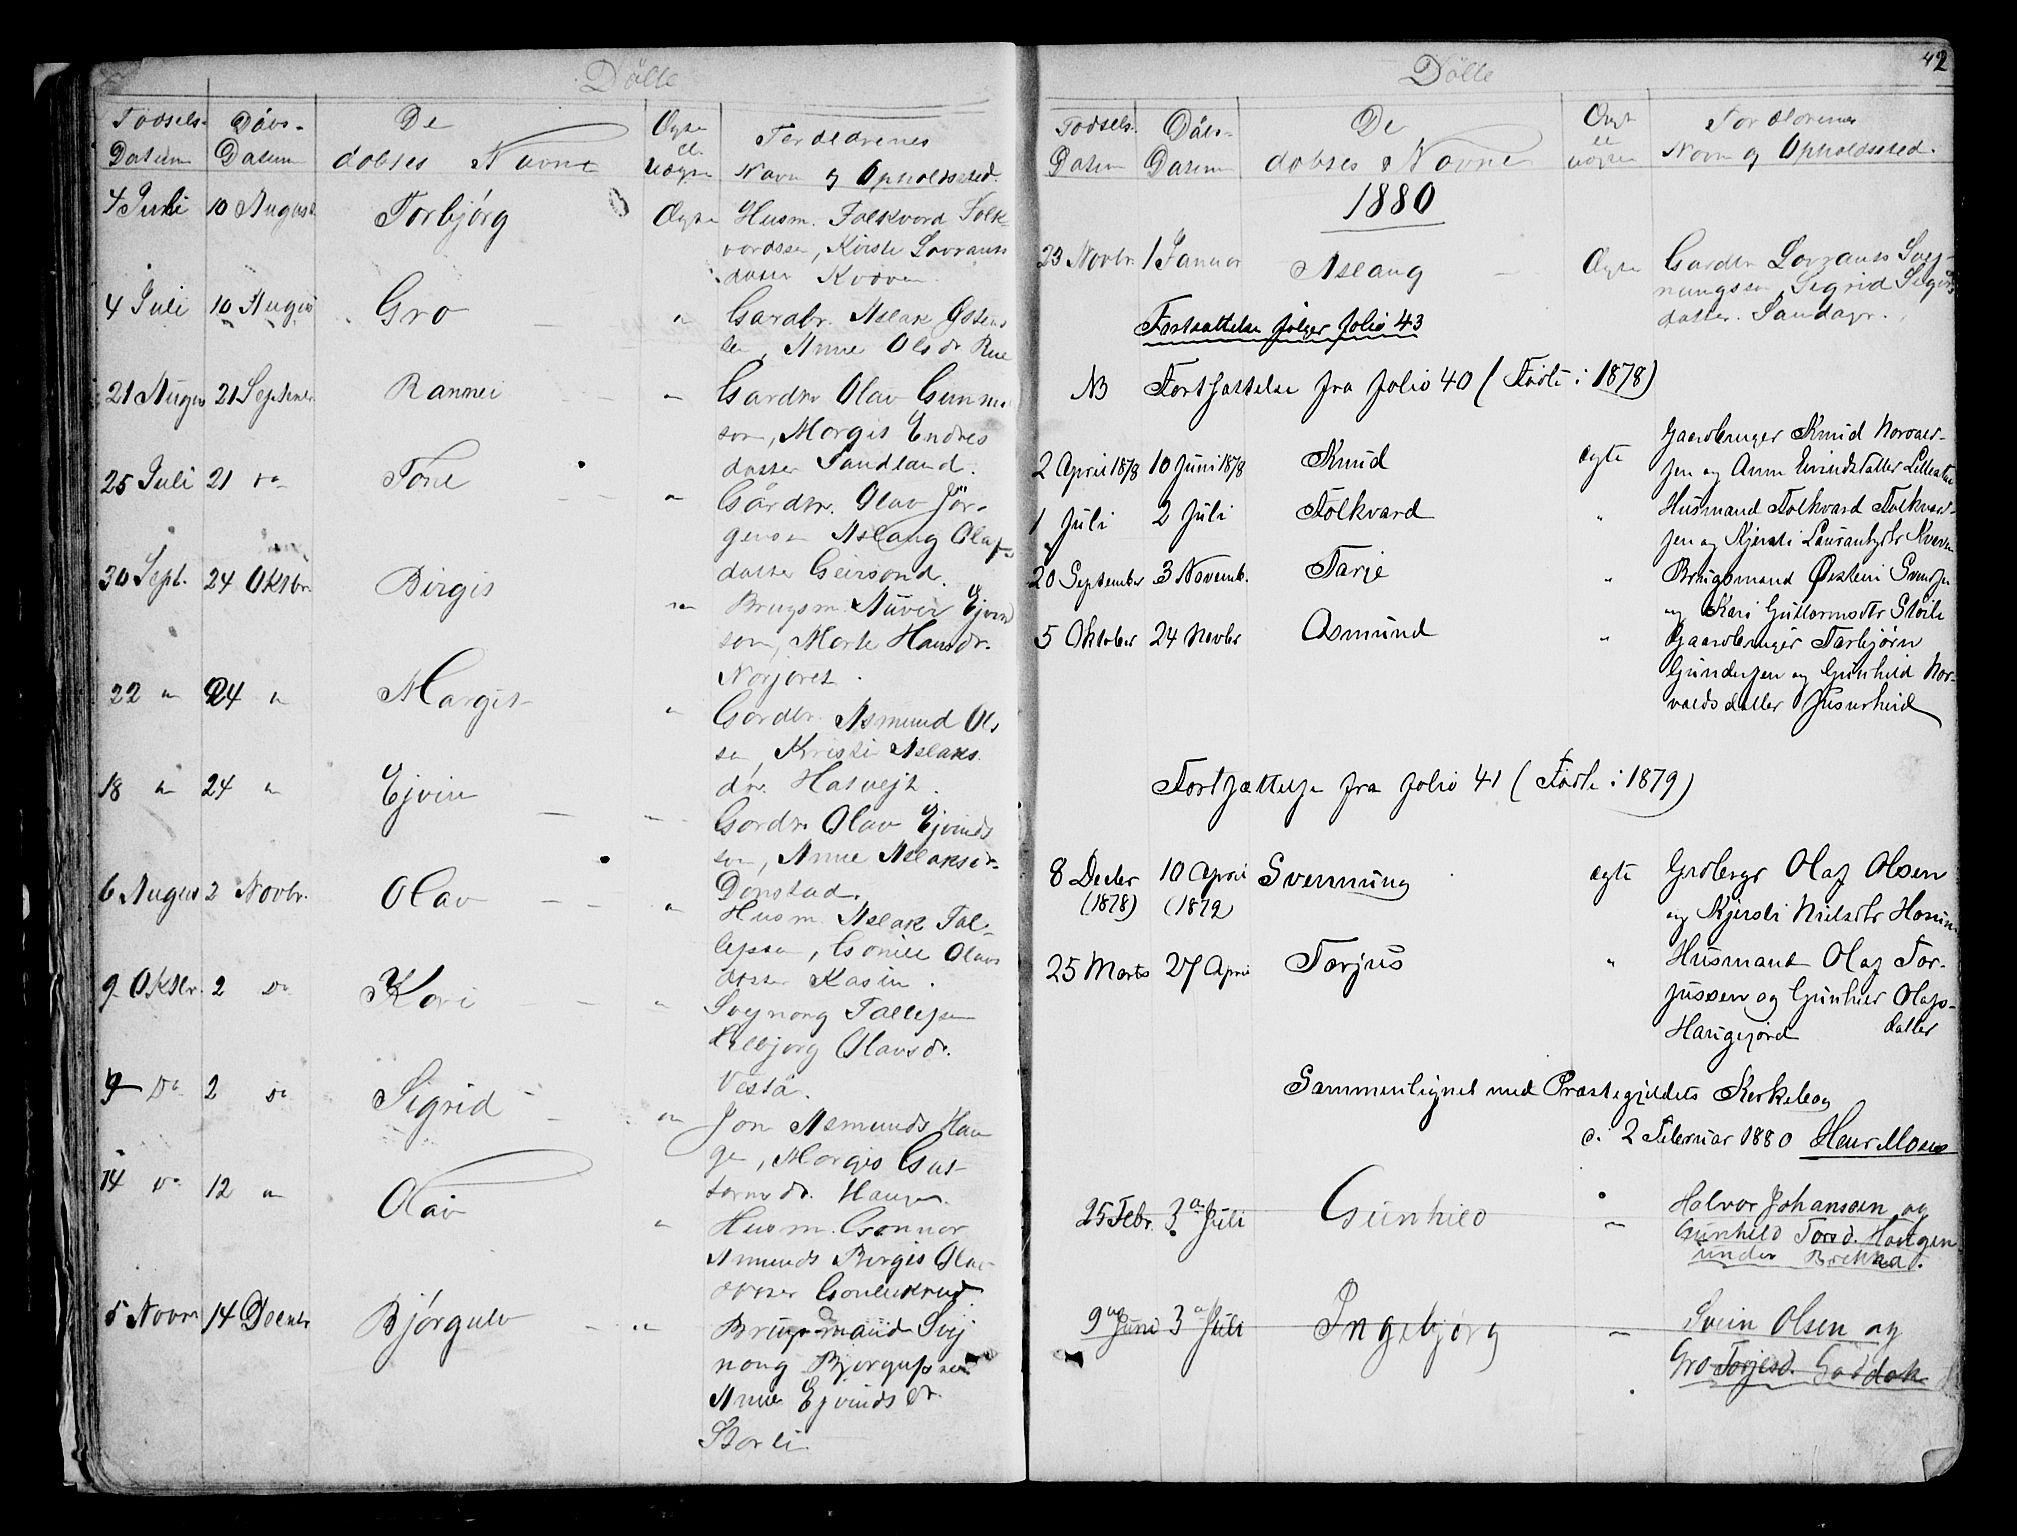 SAKO, Kviteseid kirkebøker, G/Gb/L0002: Klokkerbok nr. II 2, 1850-1892, s. 42